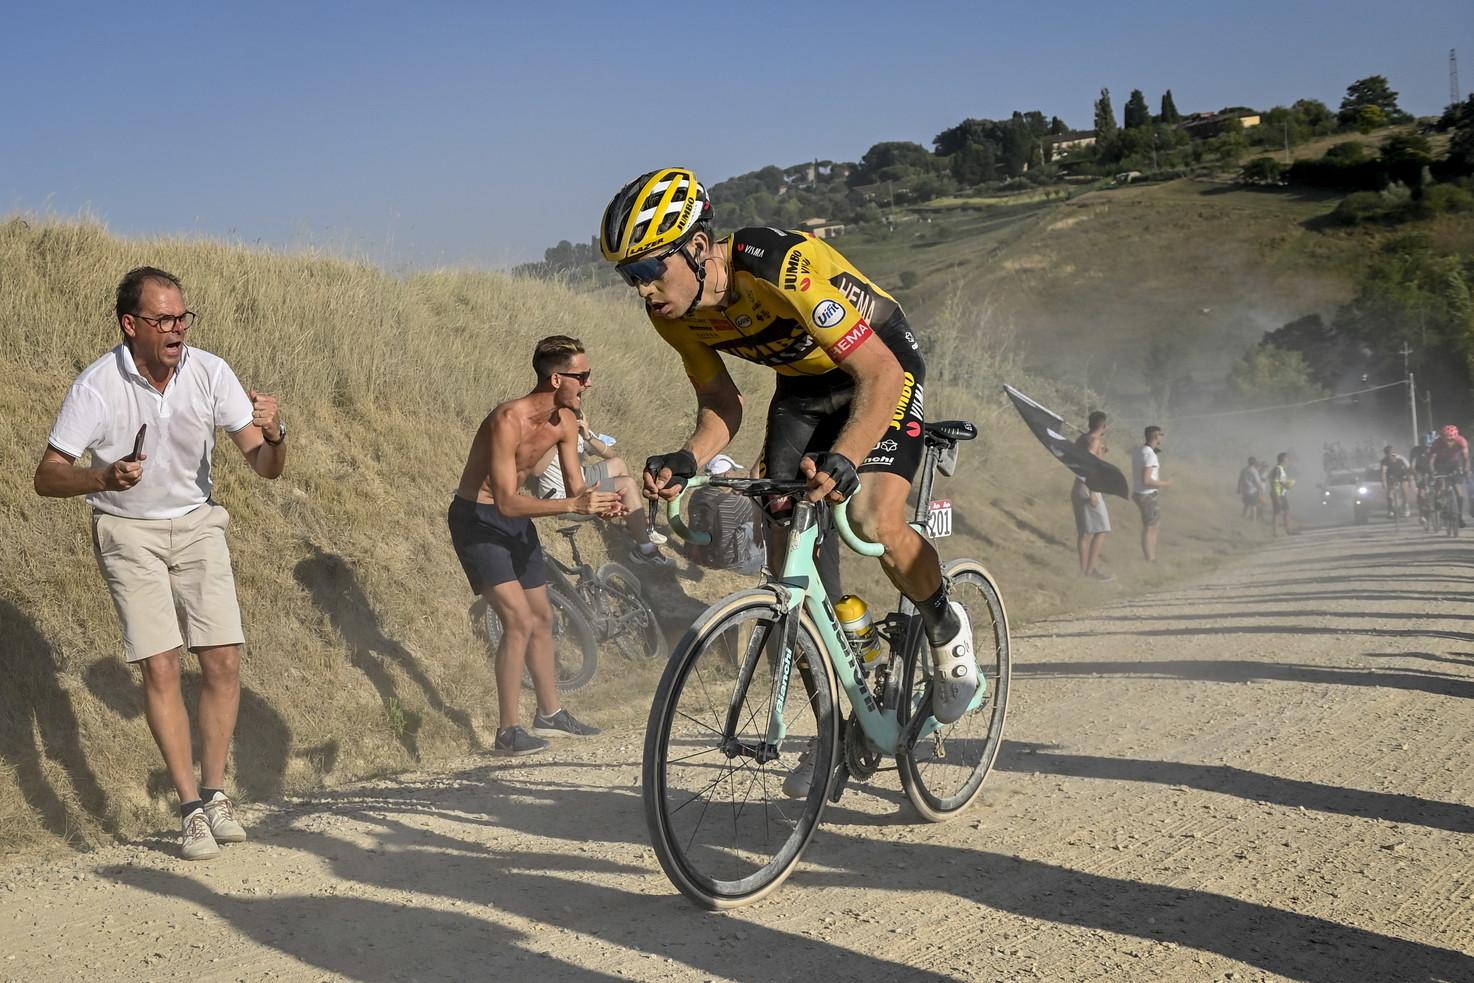 Ciclismo, Strade bianche: Van Aert